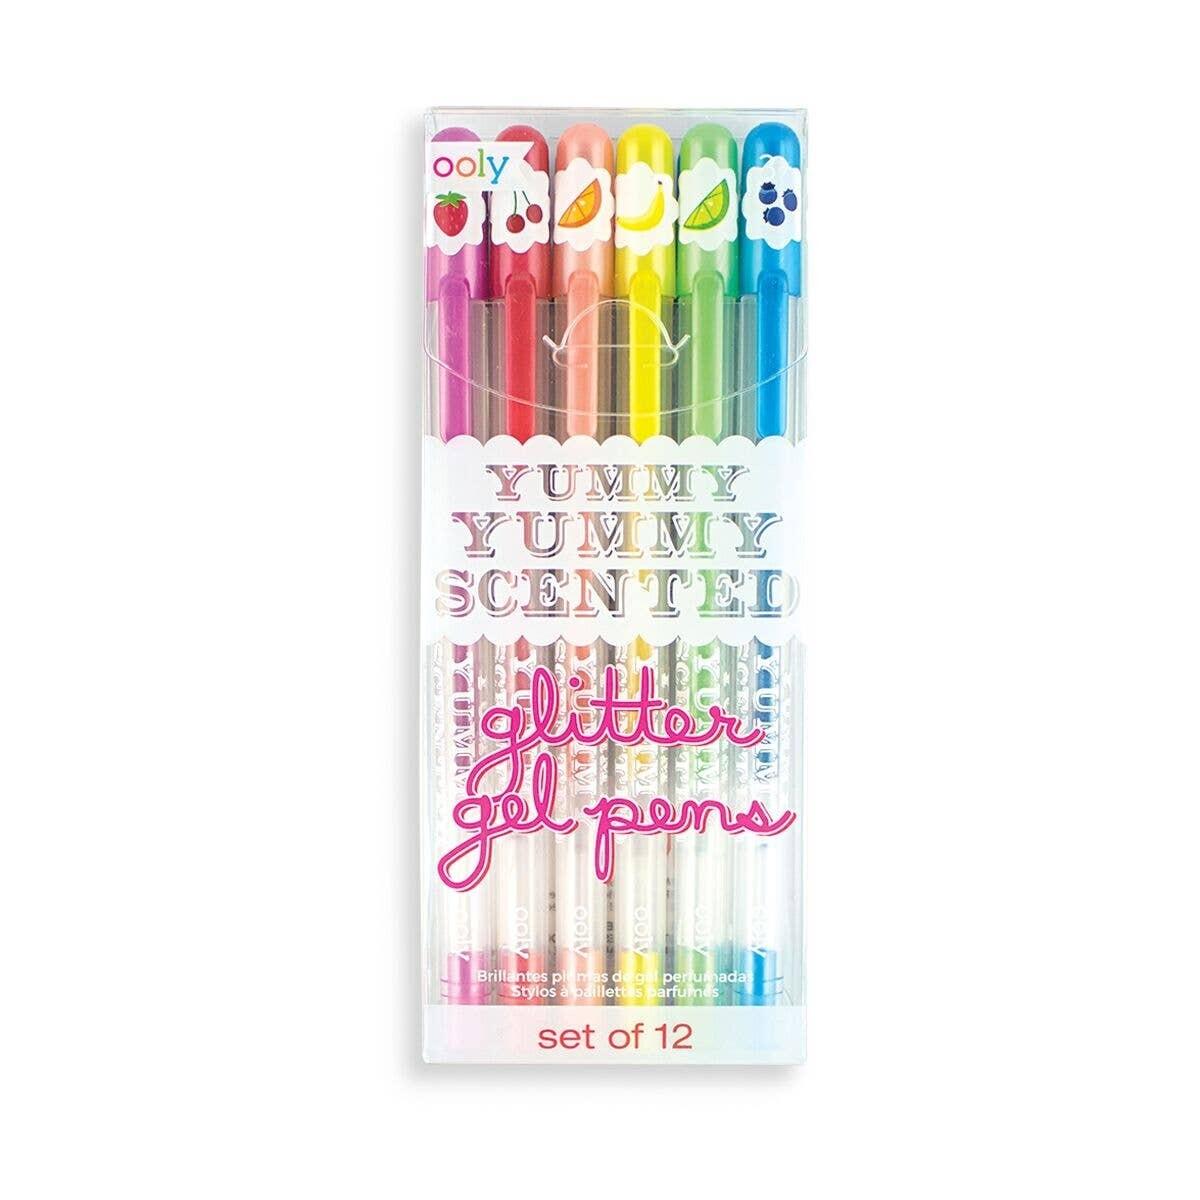 Yummy Yummy Scented Gel Pens